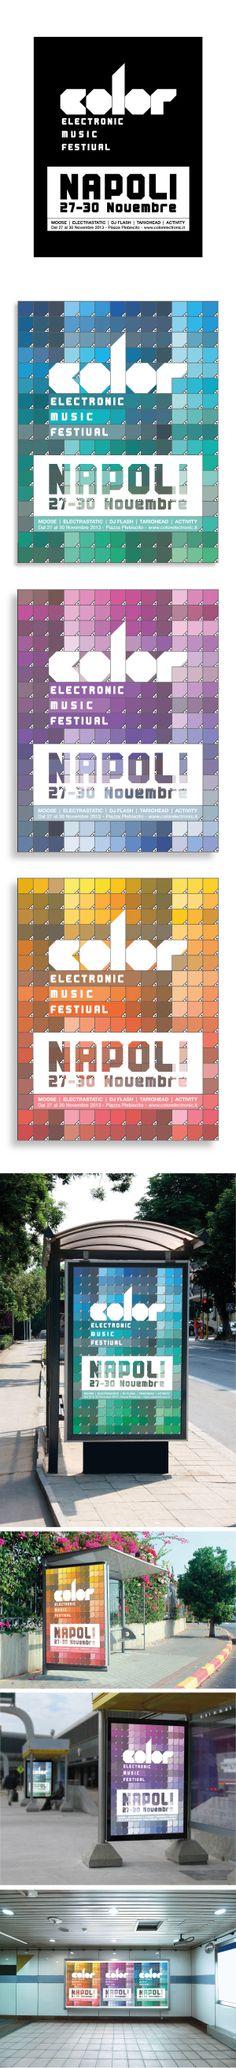 Manifesto/Poster Electronic Music Festival Napoli Misure: 100x140 cm © @Centro Studi Ilas  ® 2013 - Vincenzo Compagnone / Docente Alessandro Cocchia